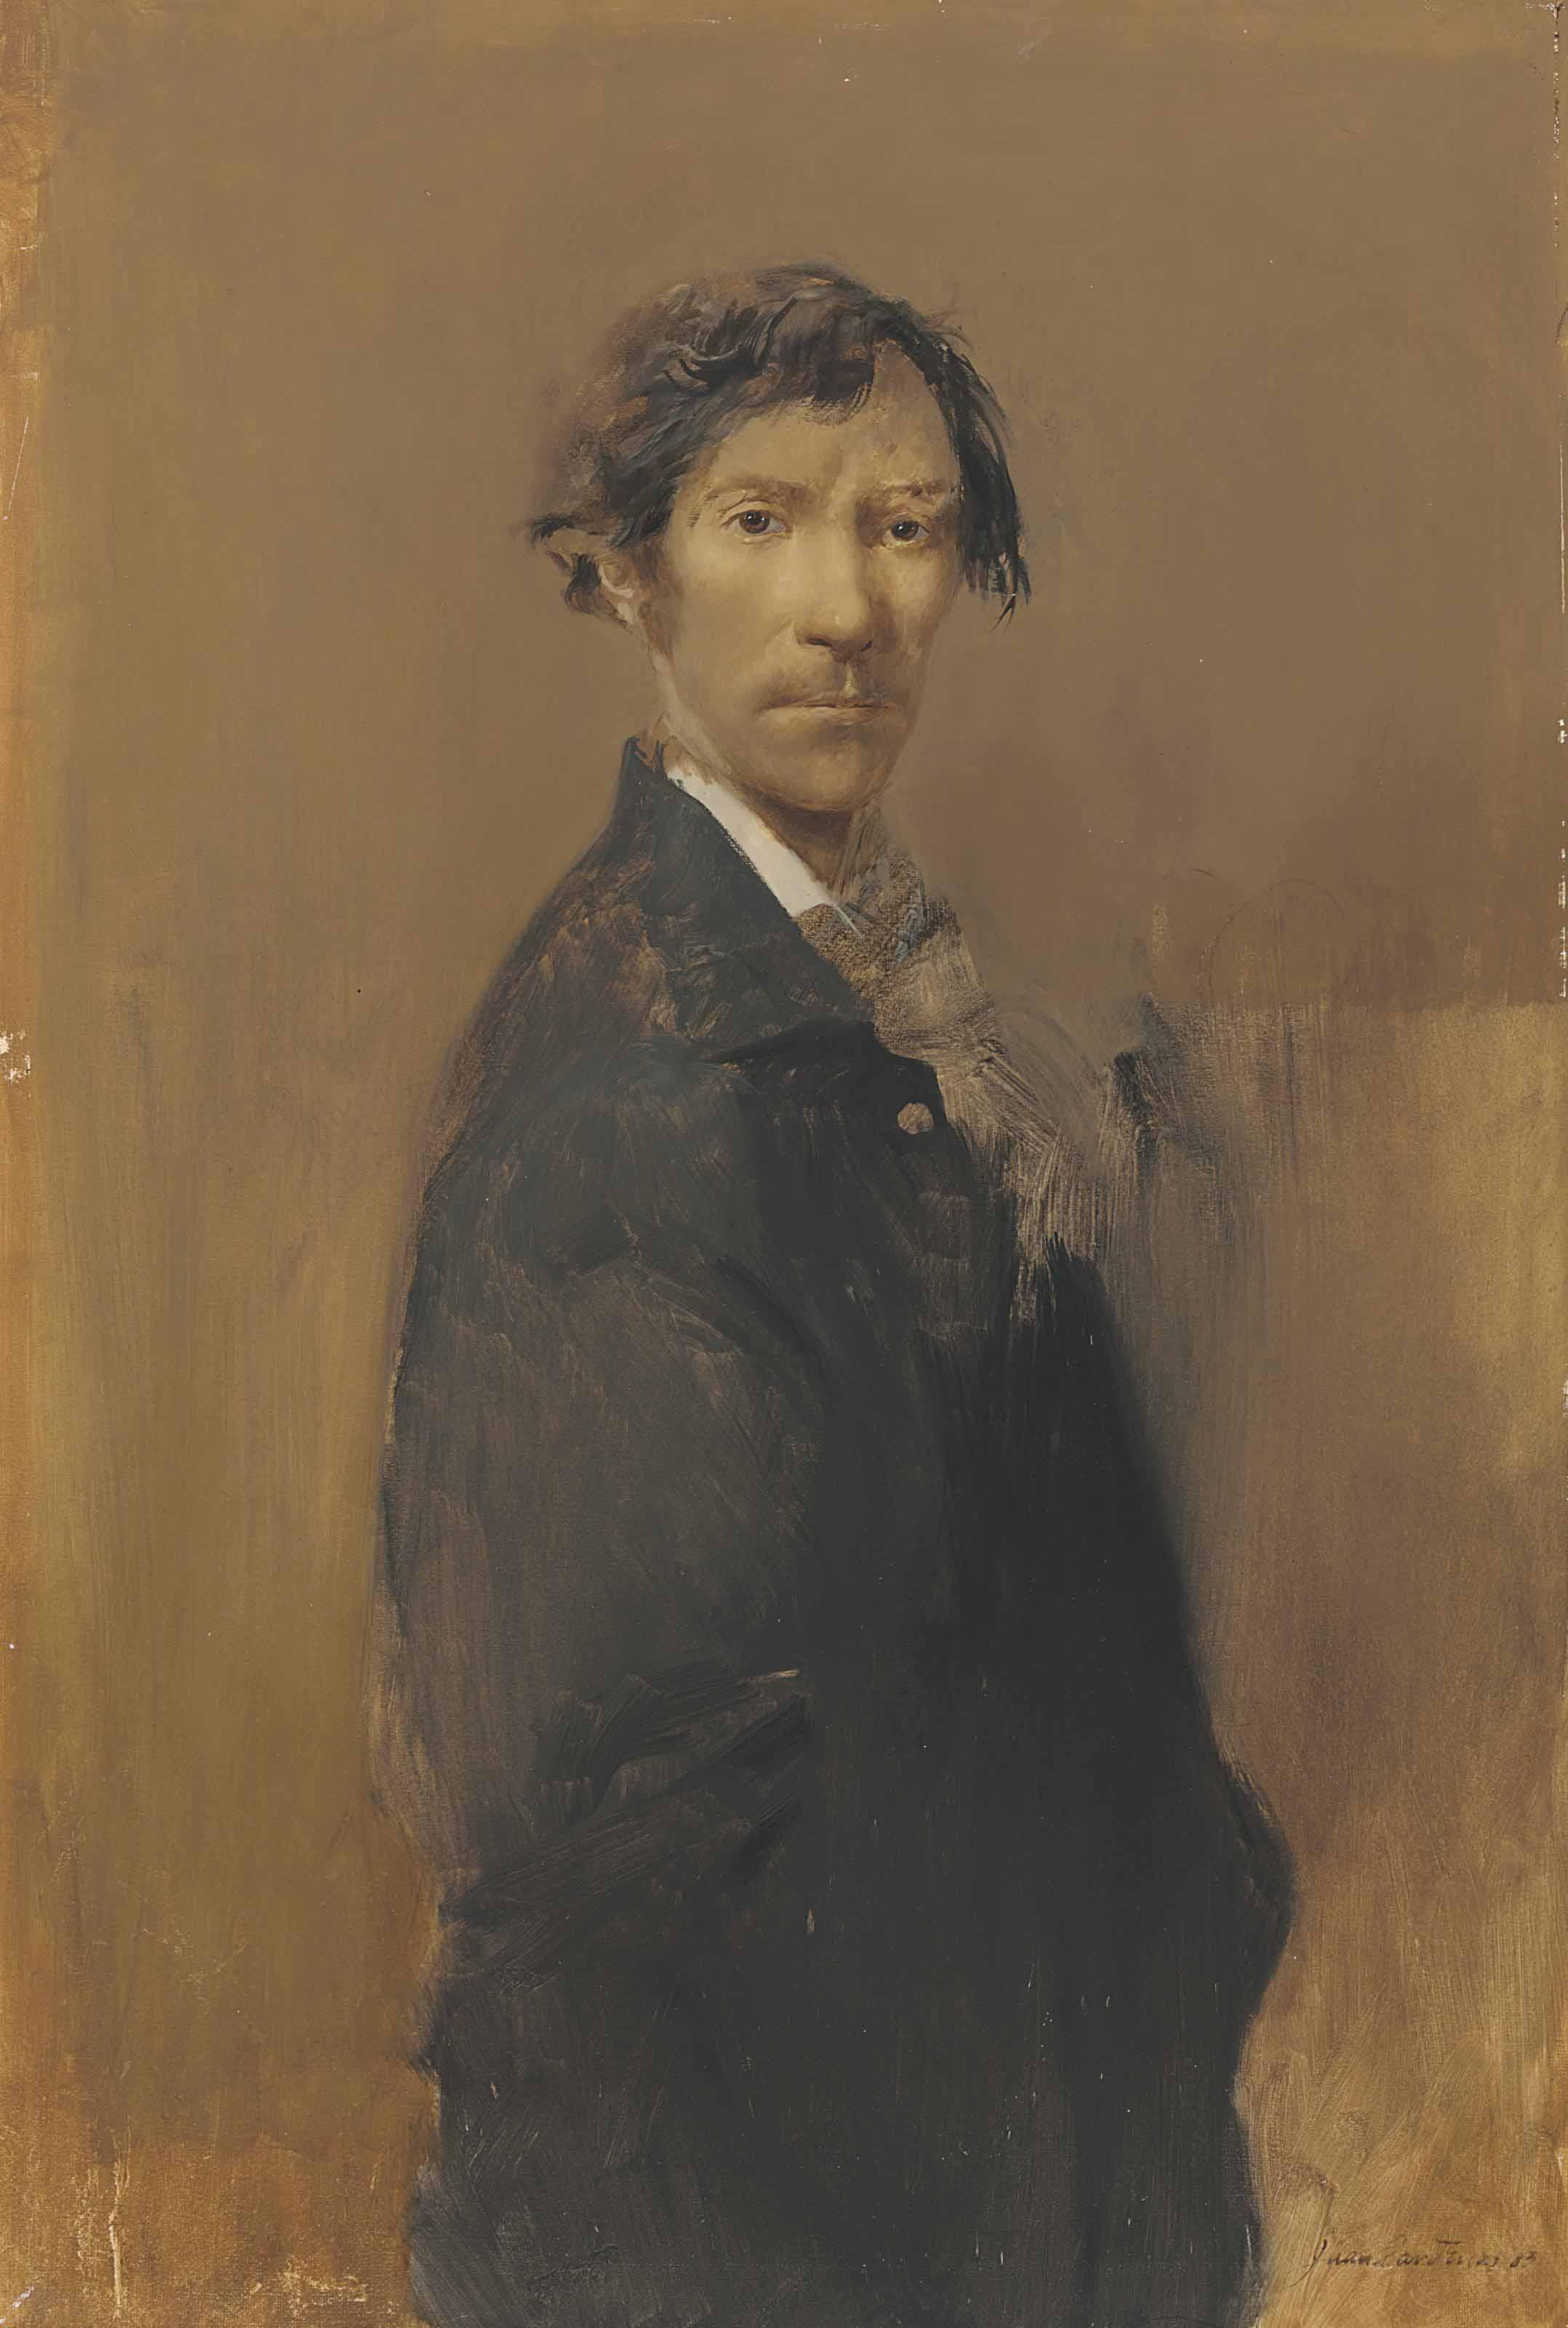 Self Portrait with Black Suit